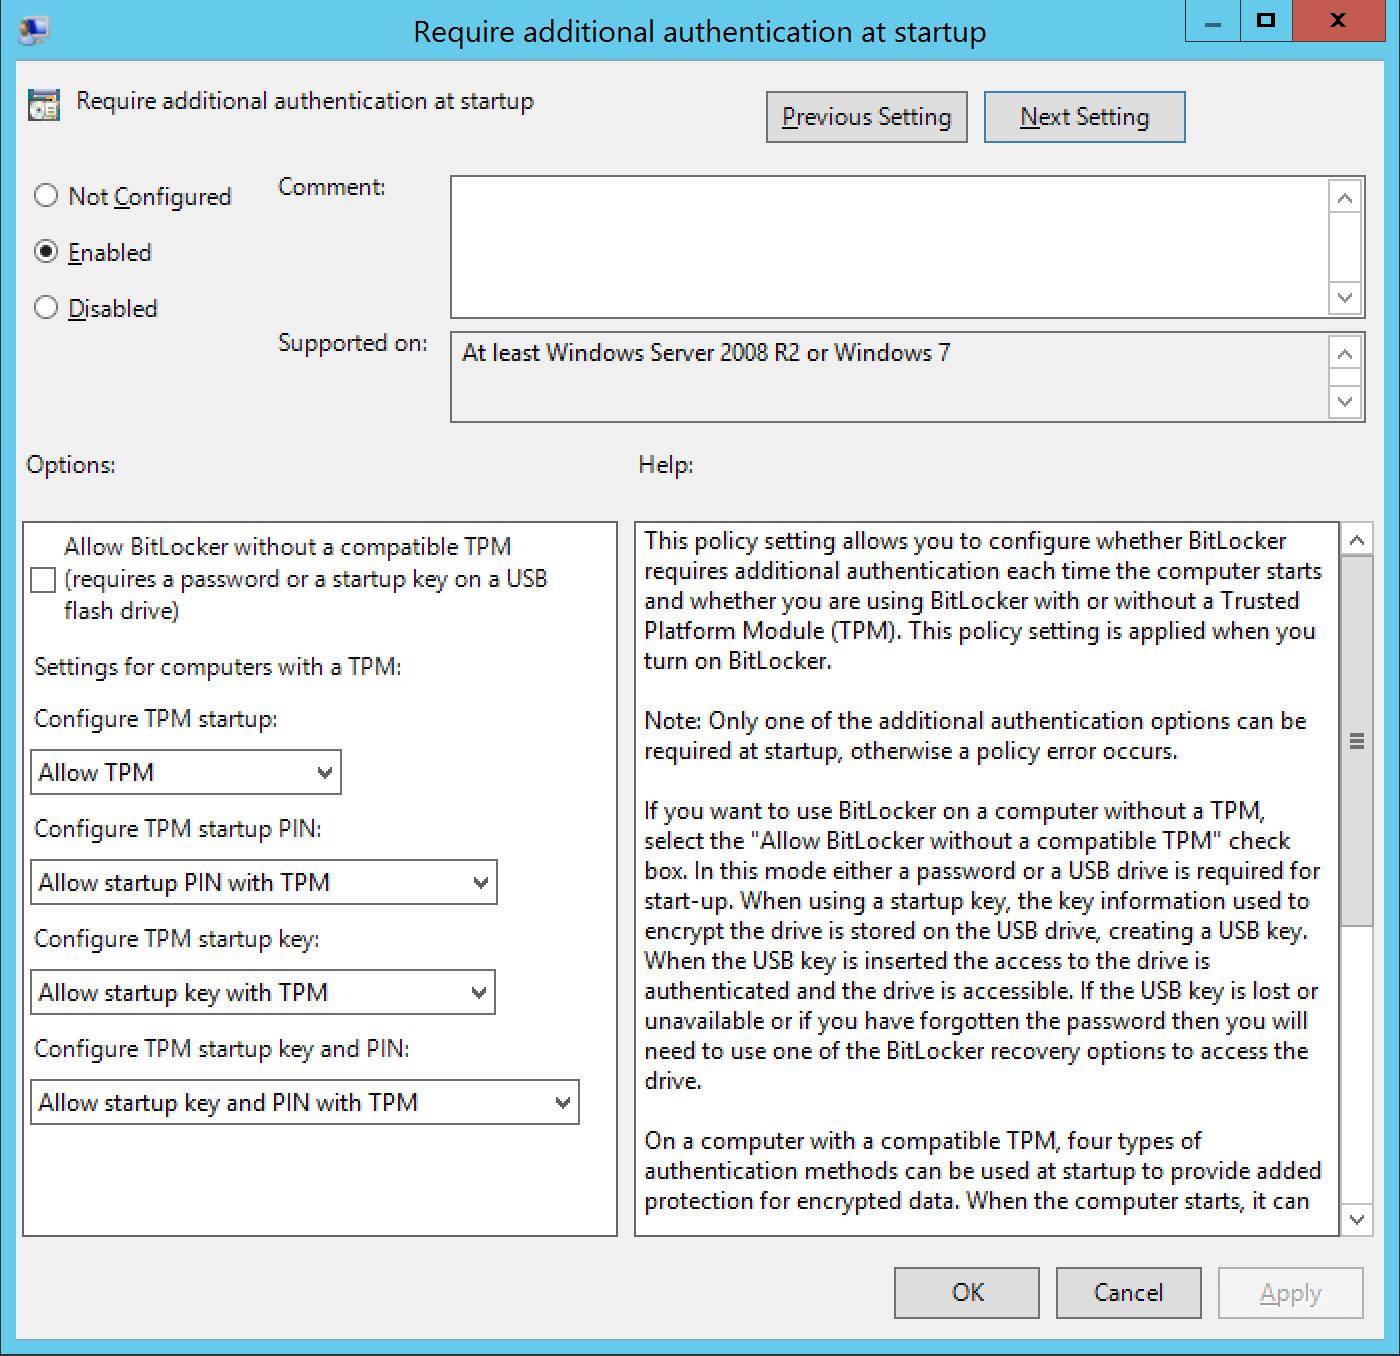 Secure your desktop with Bitlocker - Blog on Microsoft